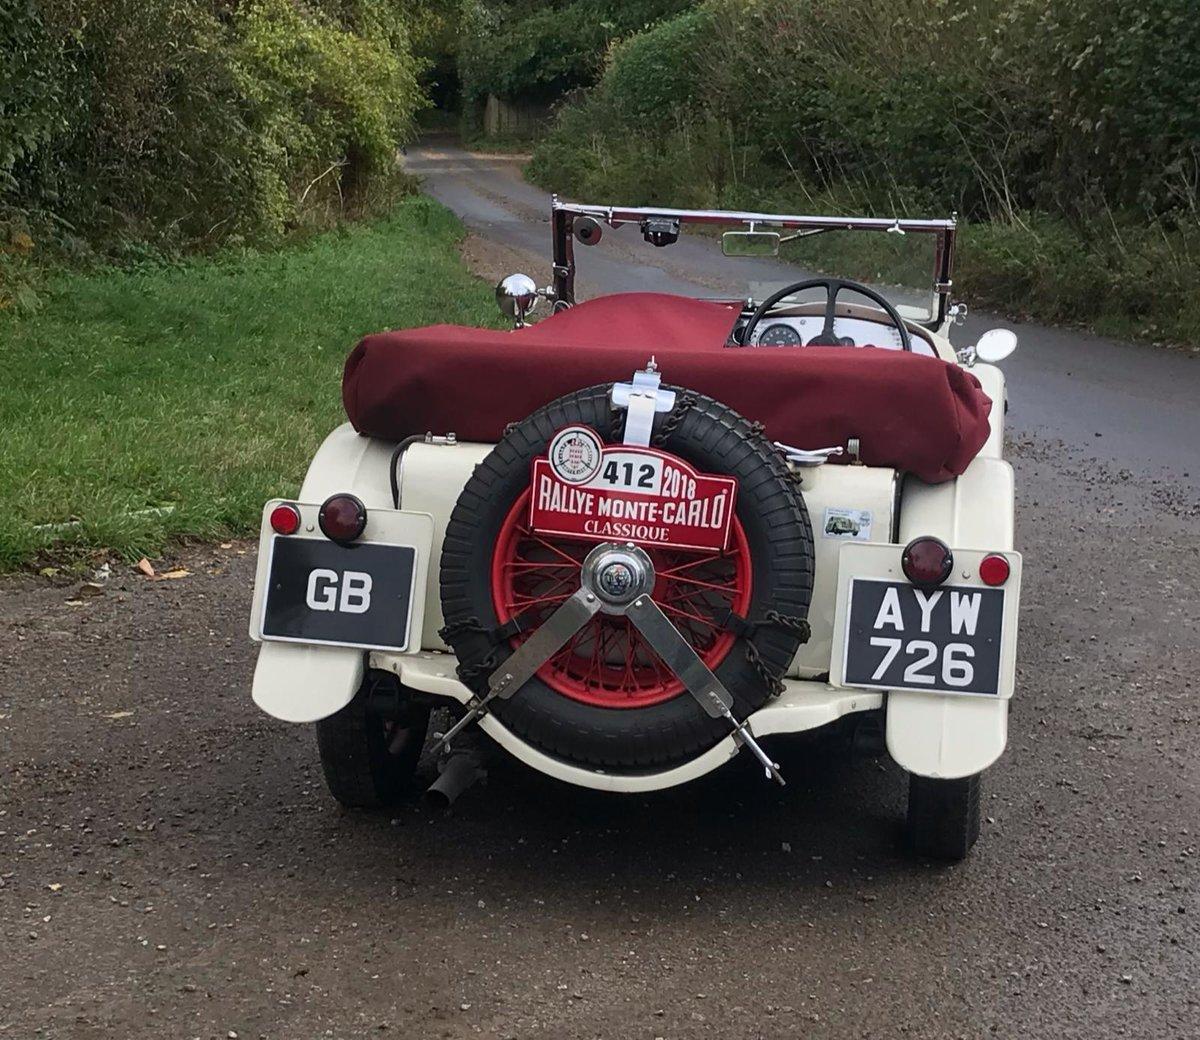 1934 Triumph Gloria Monte Carlo Sports Tourer For Sale (picture 2 of 5)